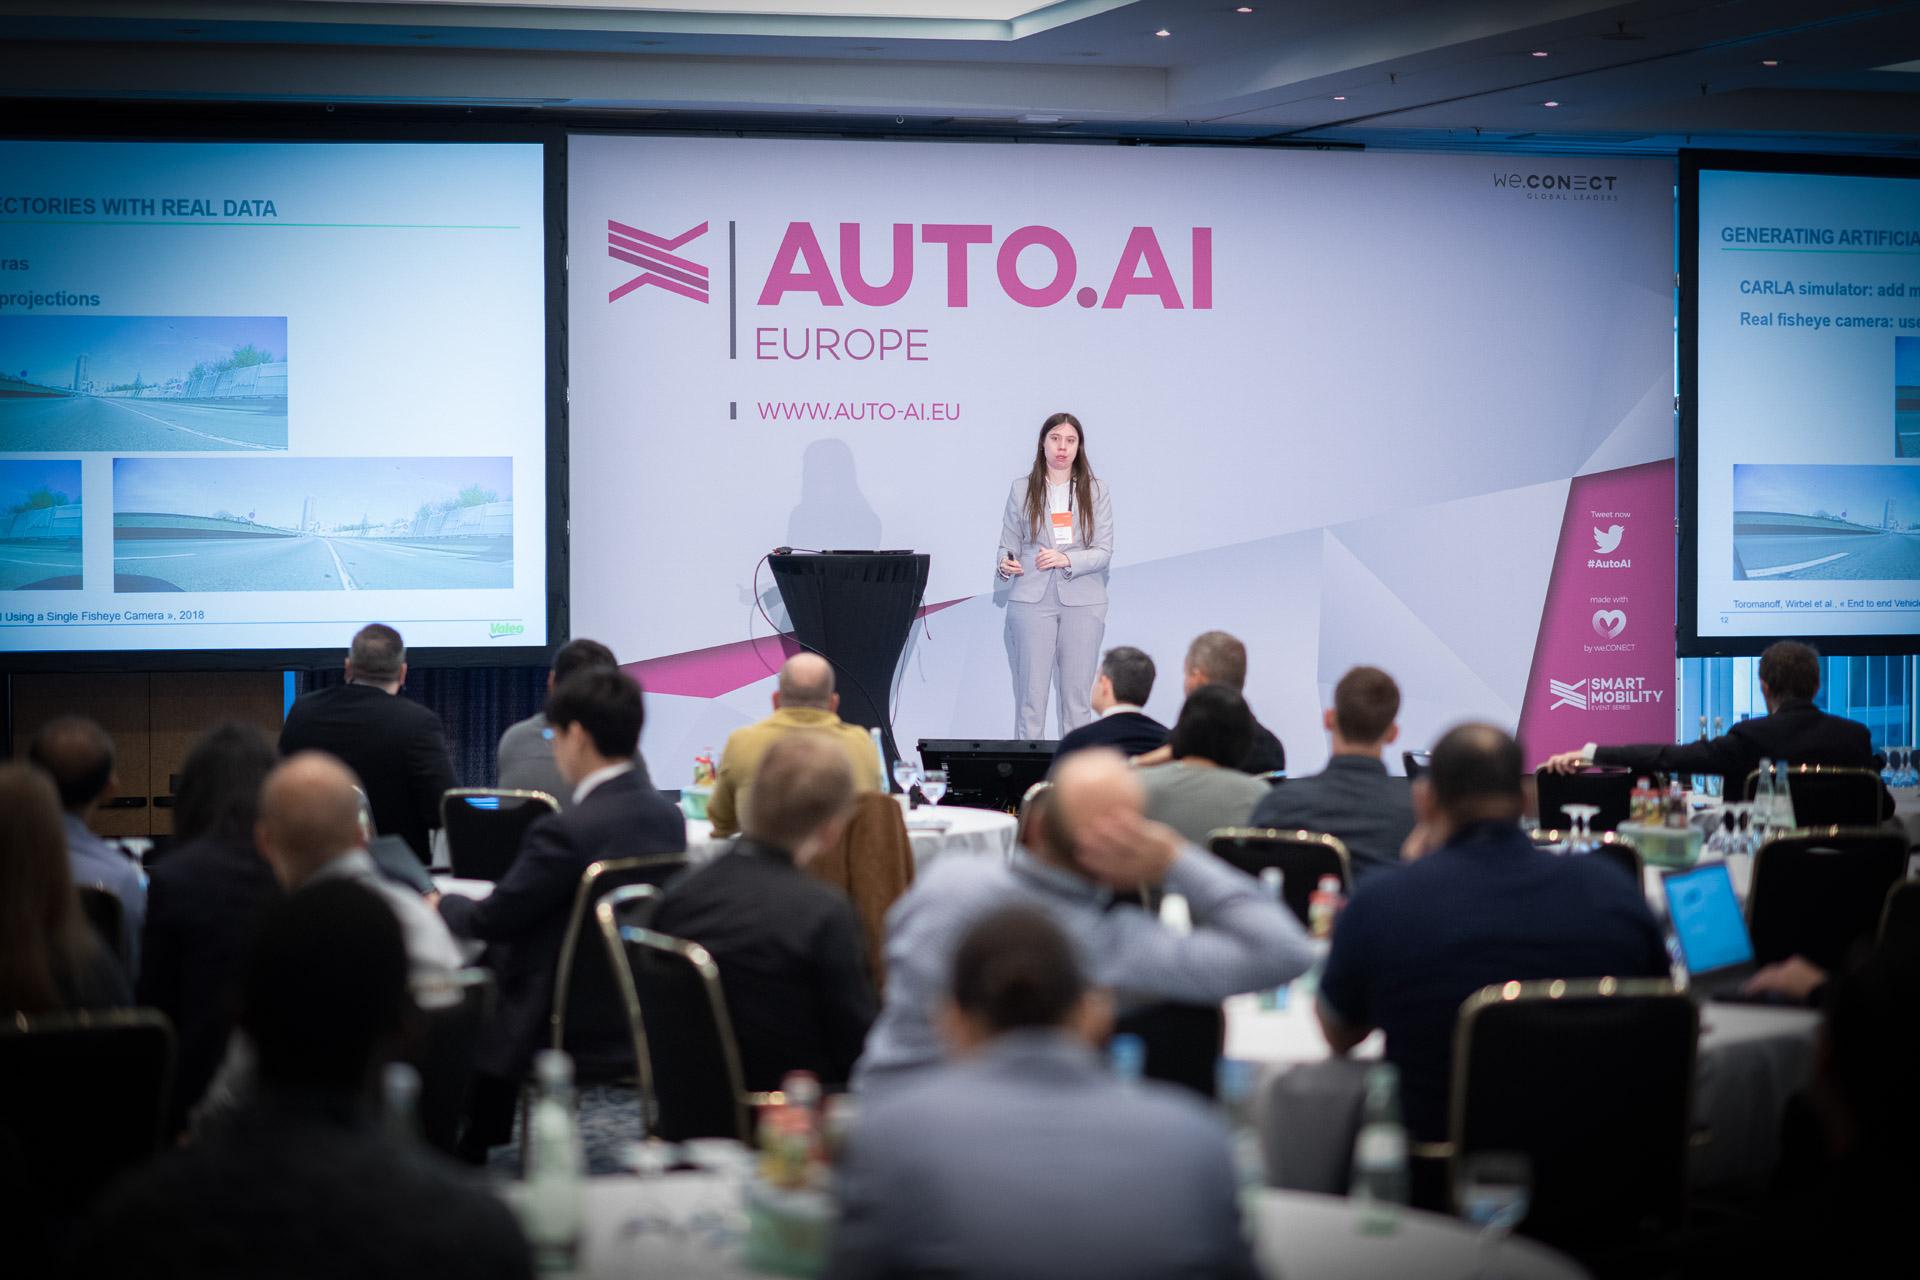 Auto.AI Europe 2019